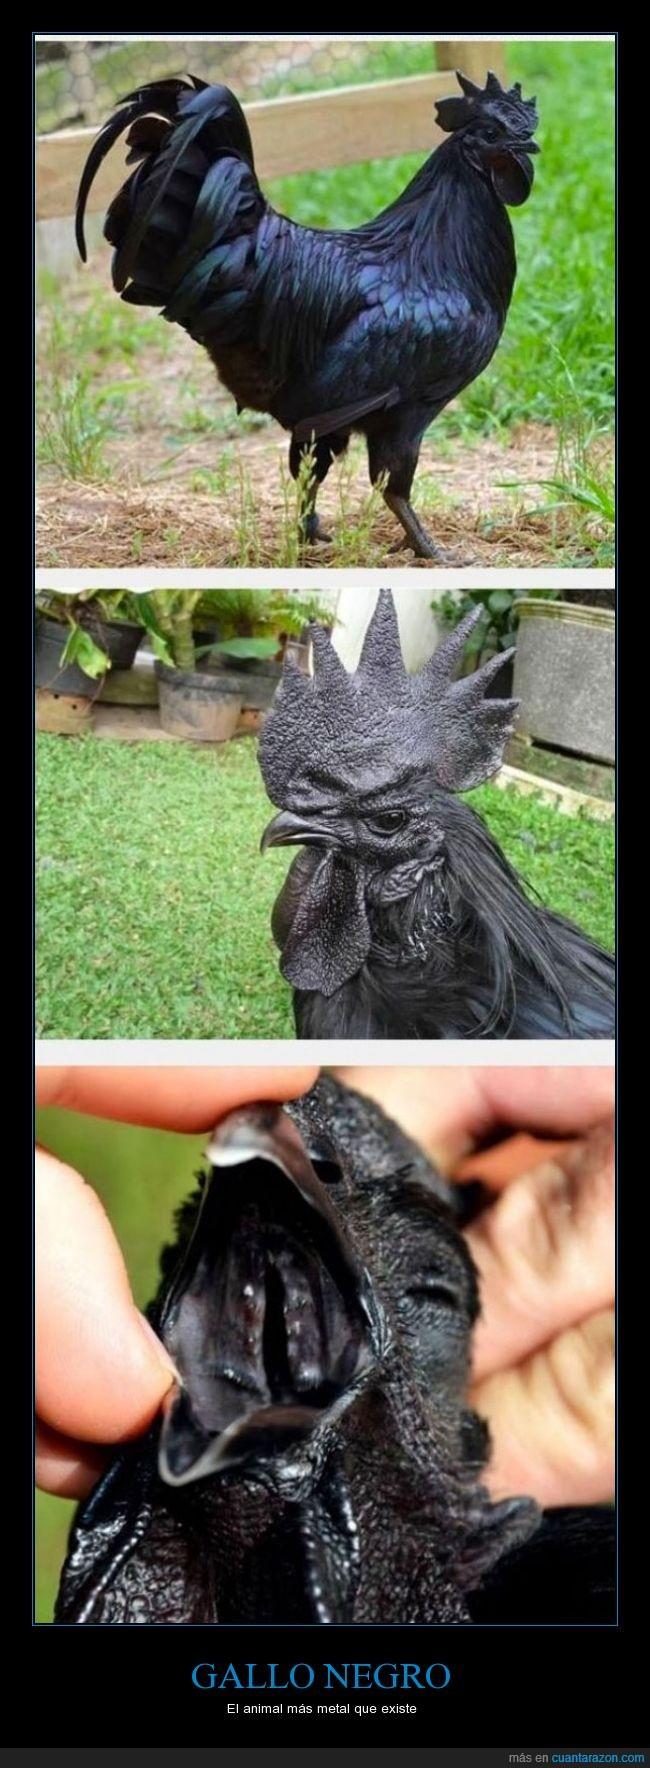 asombroso,gallo,genial,metal,negro,raro